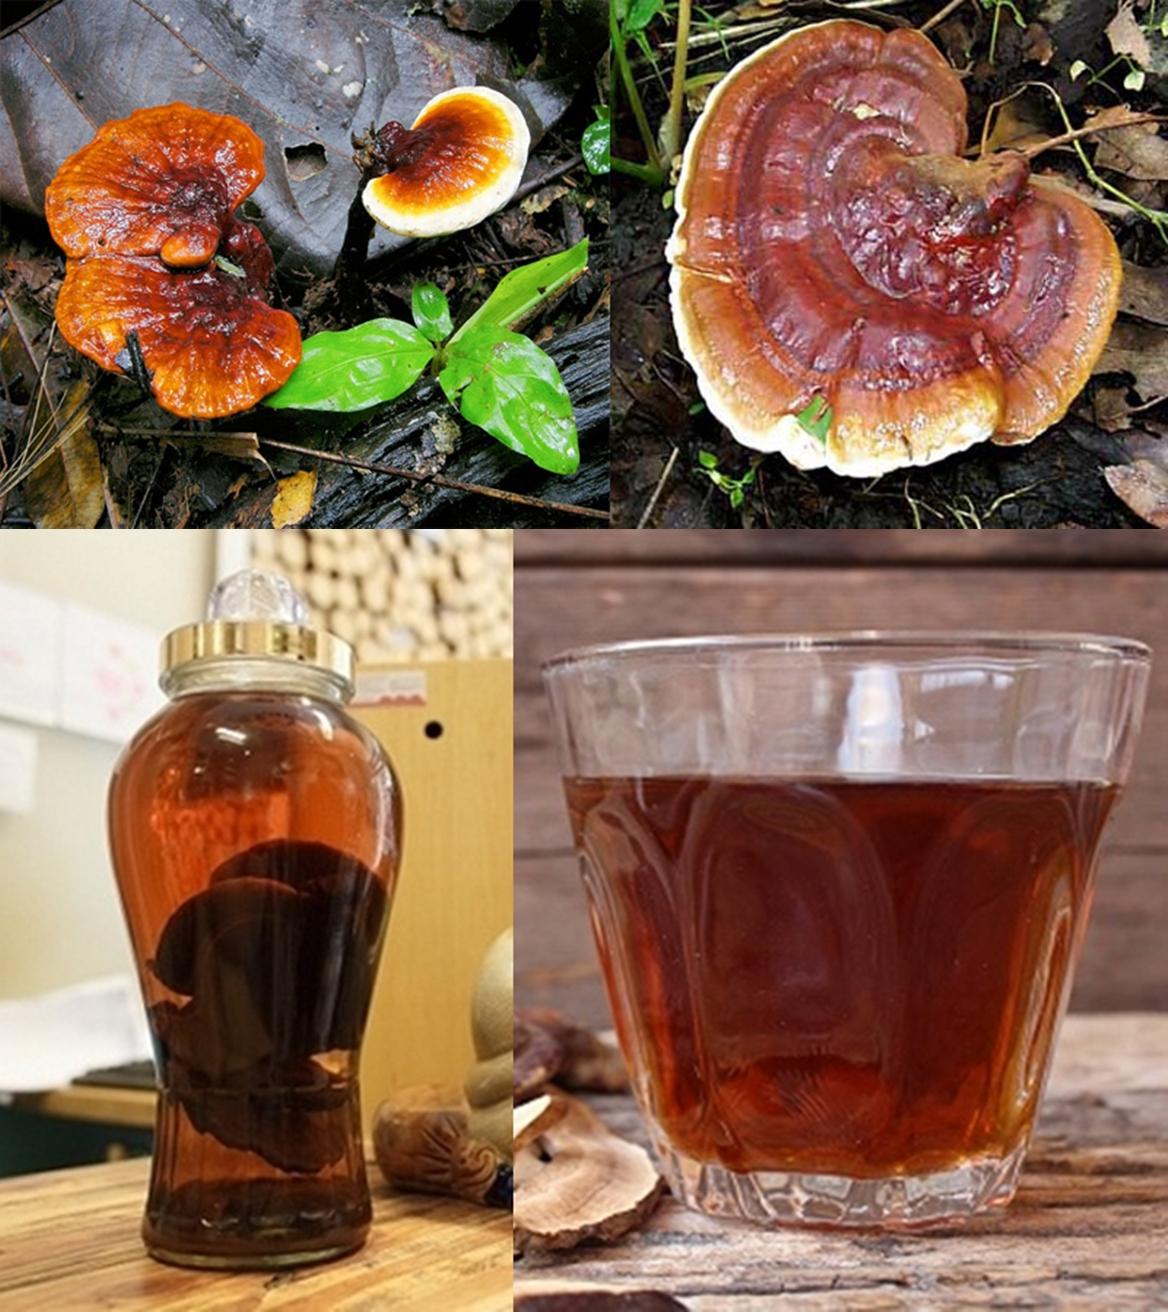 Rượu ngâm nấm lim xanh là một trong những loại rượu có tác dụng bồi bổ, phòng ngừa bệnh tật.